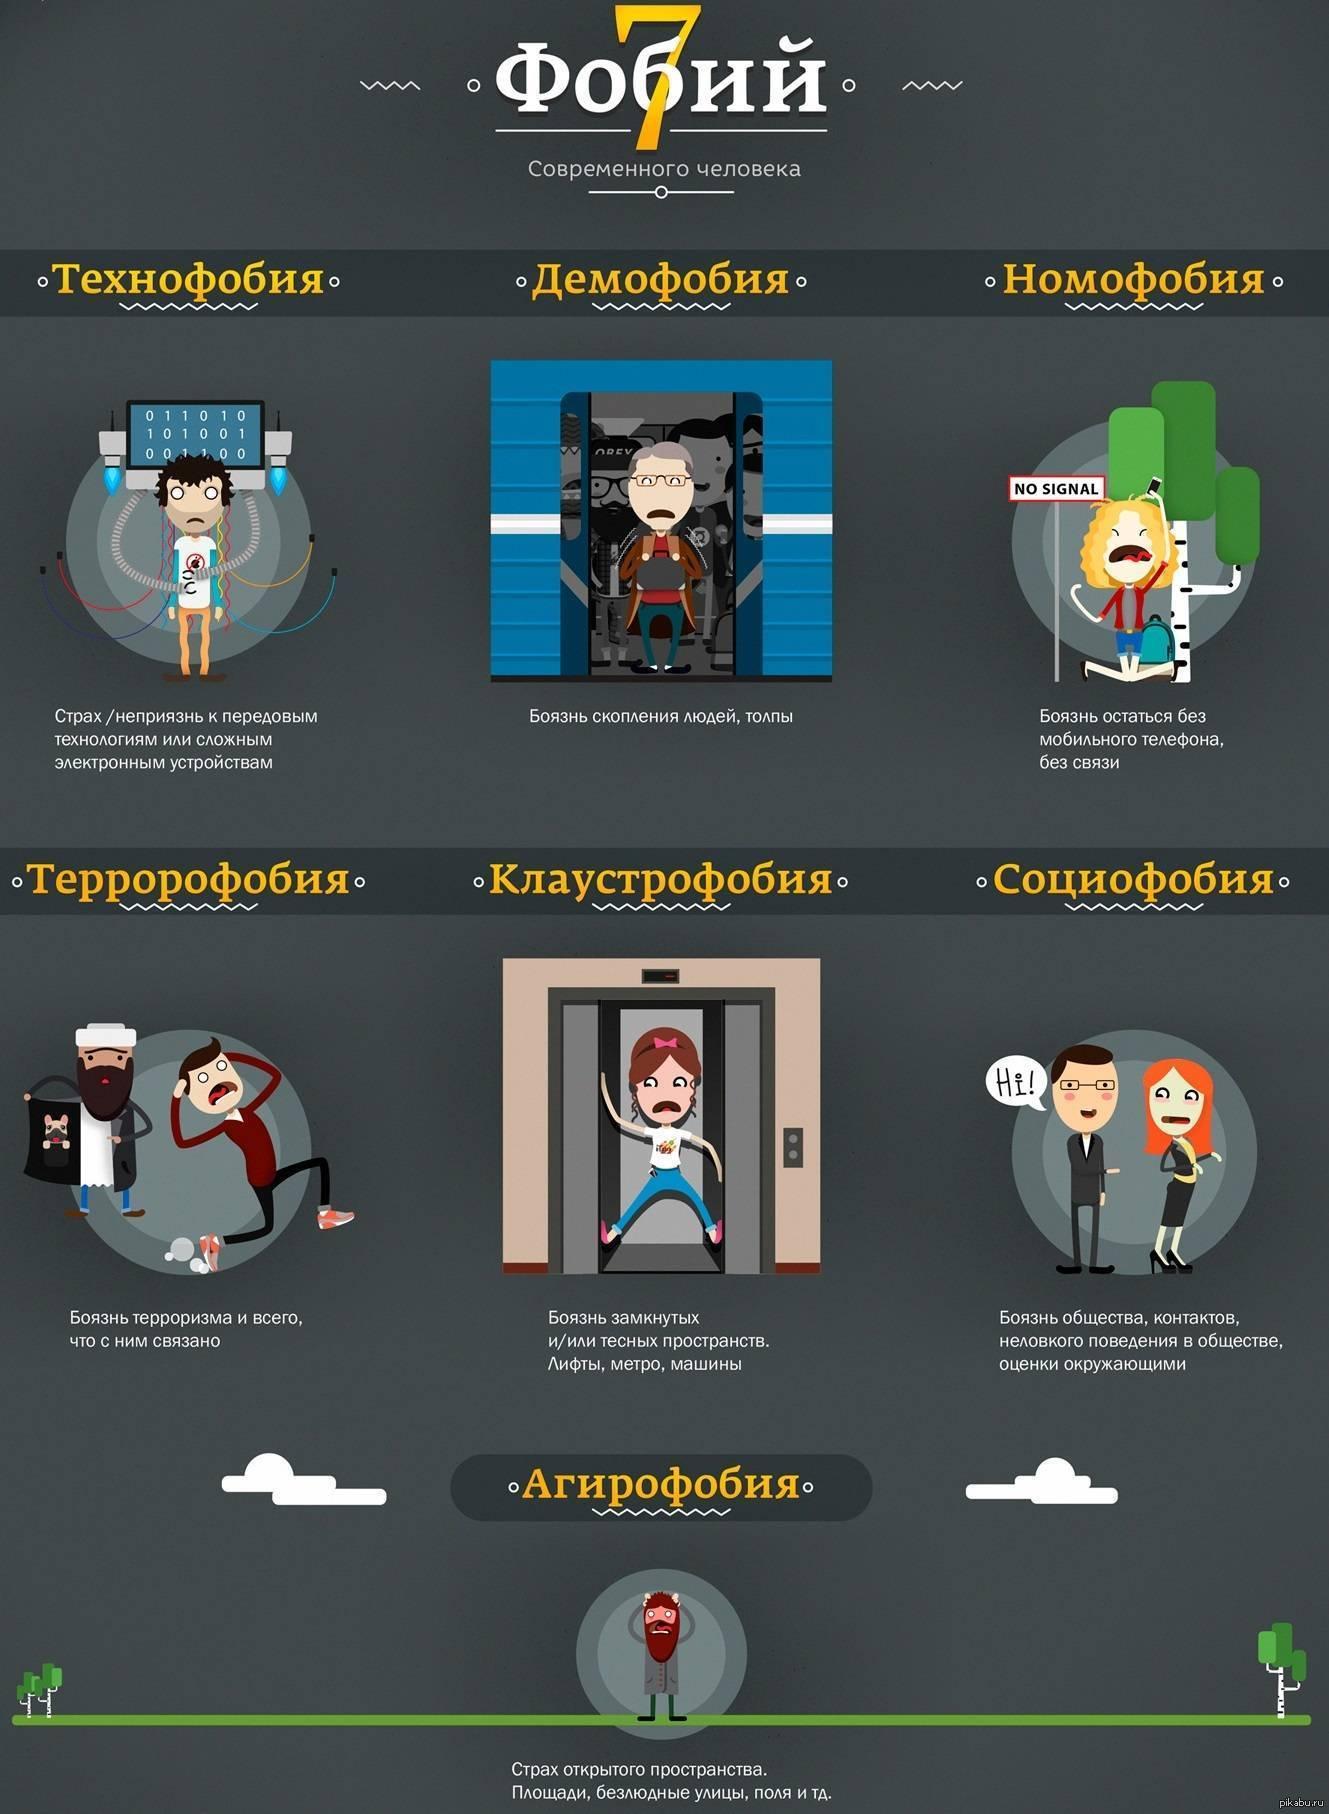 список фобий и их значение